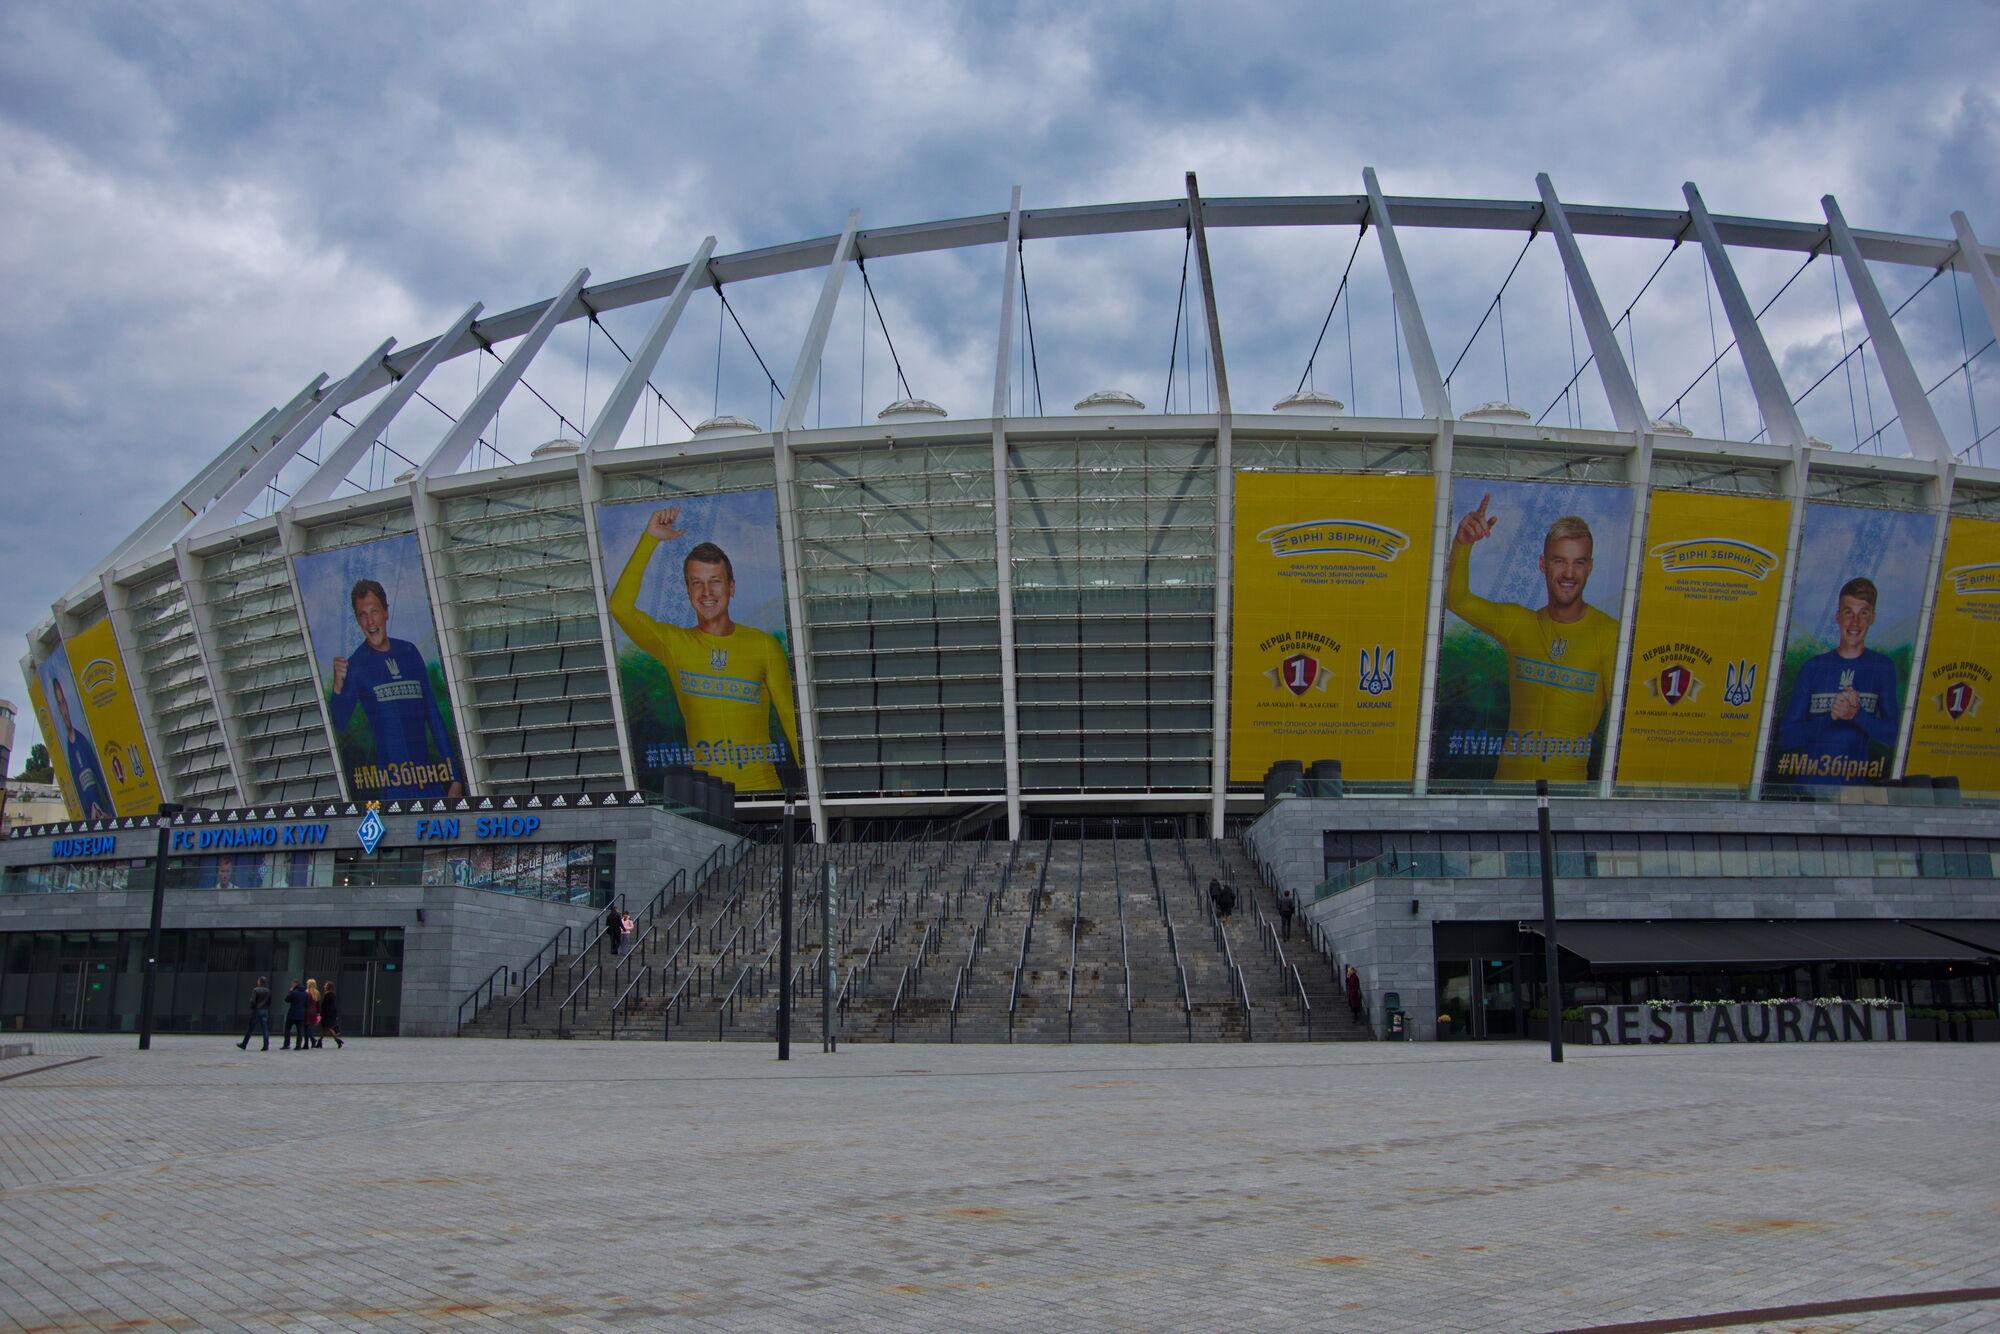 ВКиеве футбольный матч Украина-Хорватия будут охранять 3,5 тыс правоохранителей